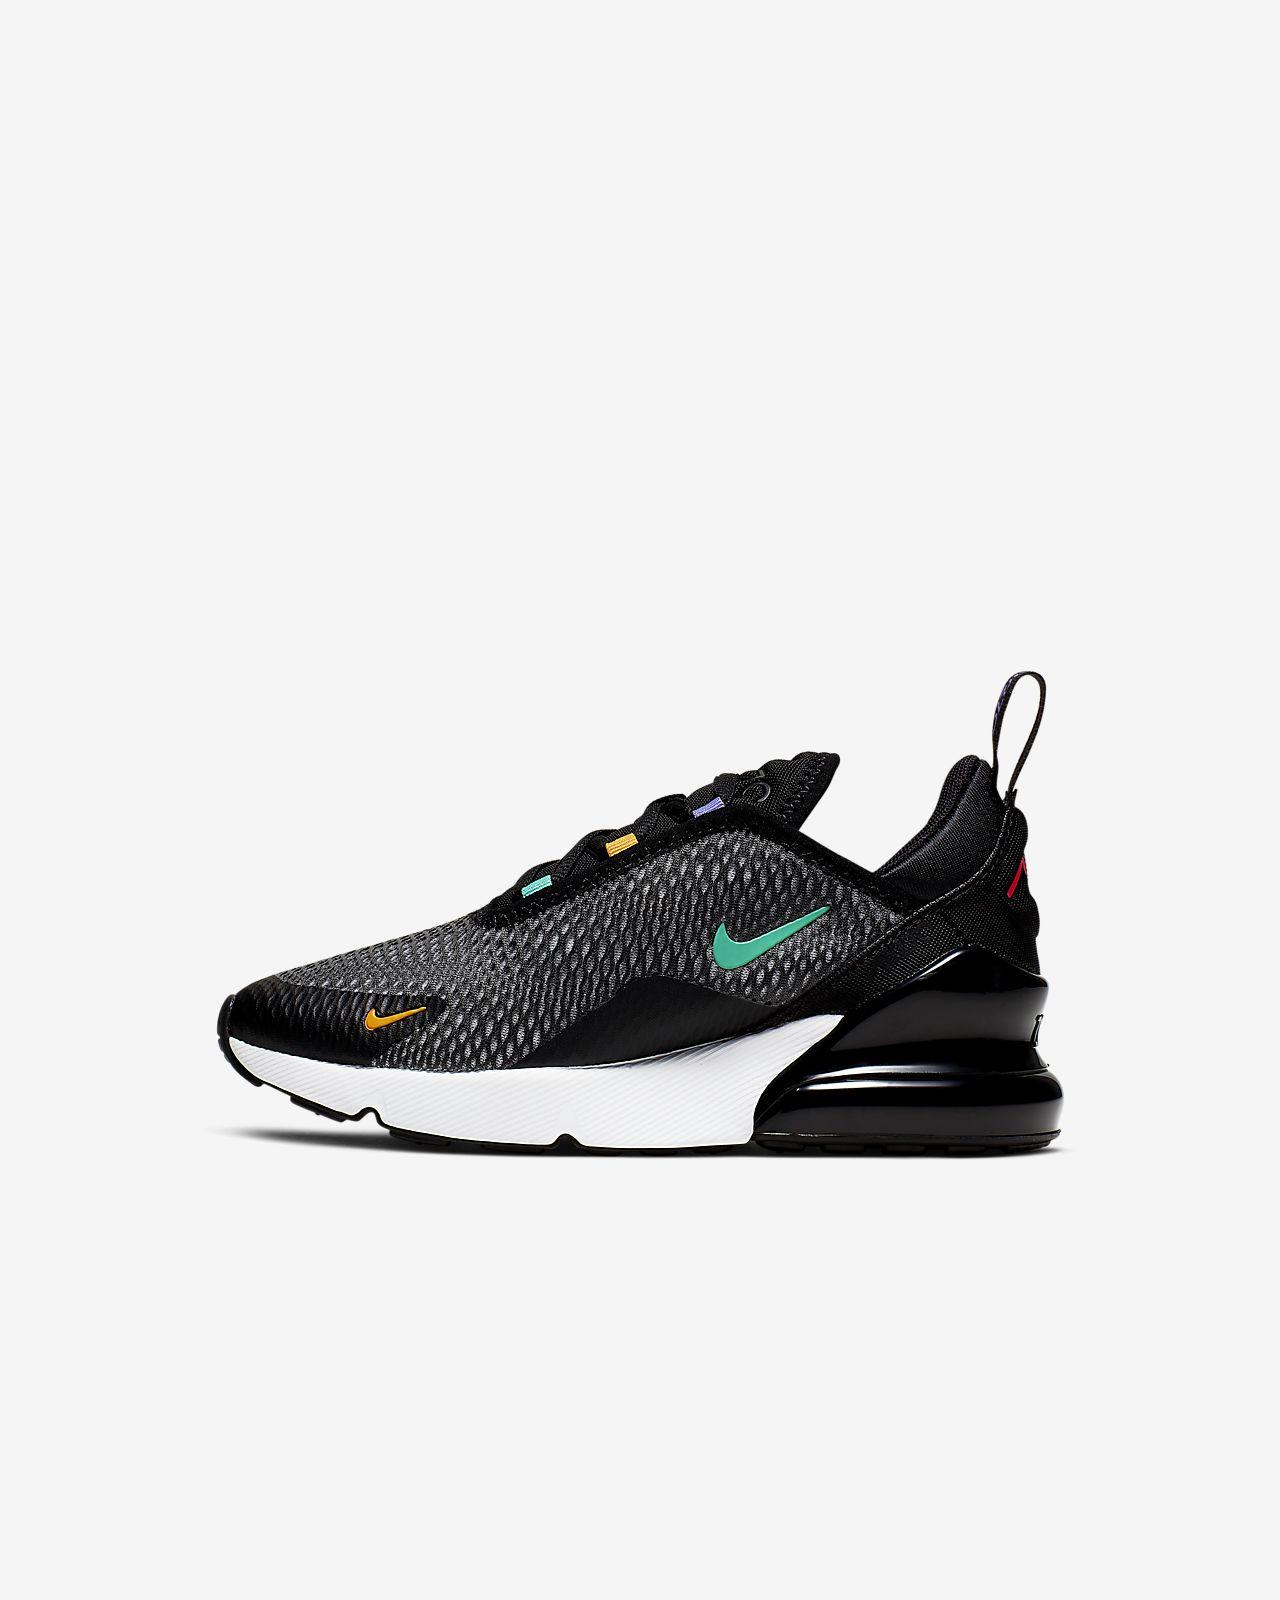 Nike Air Max 270 Game Change Küçük Çocuk Ayakkabısı